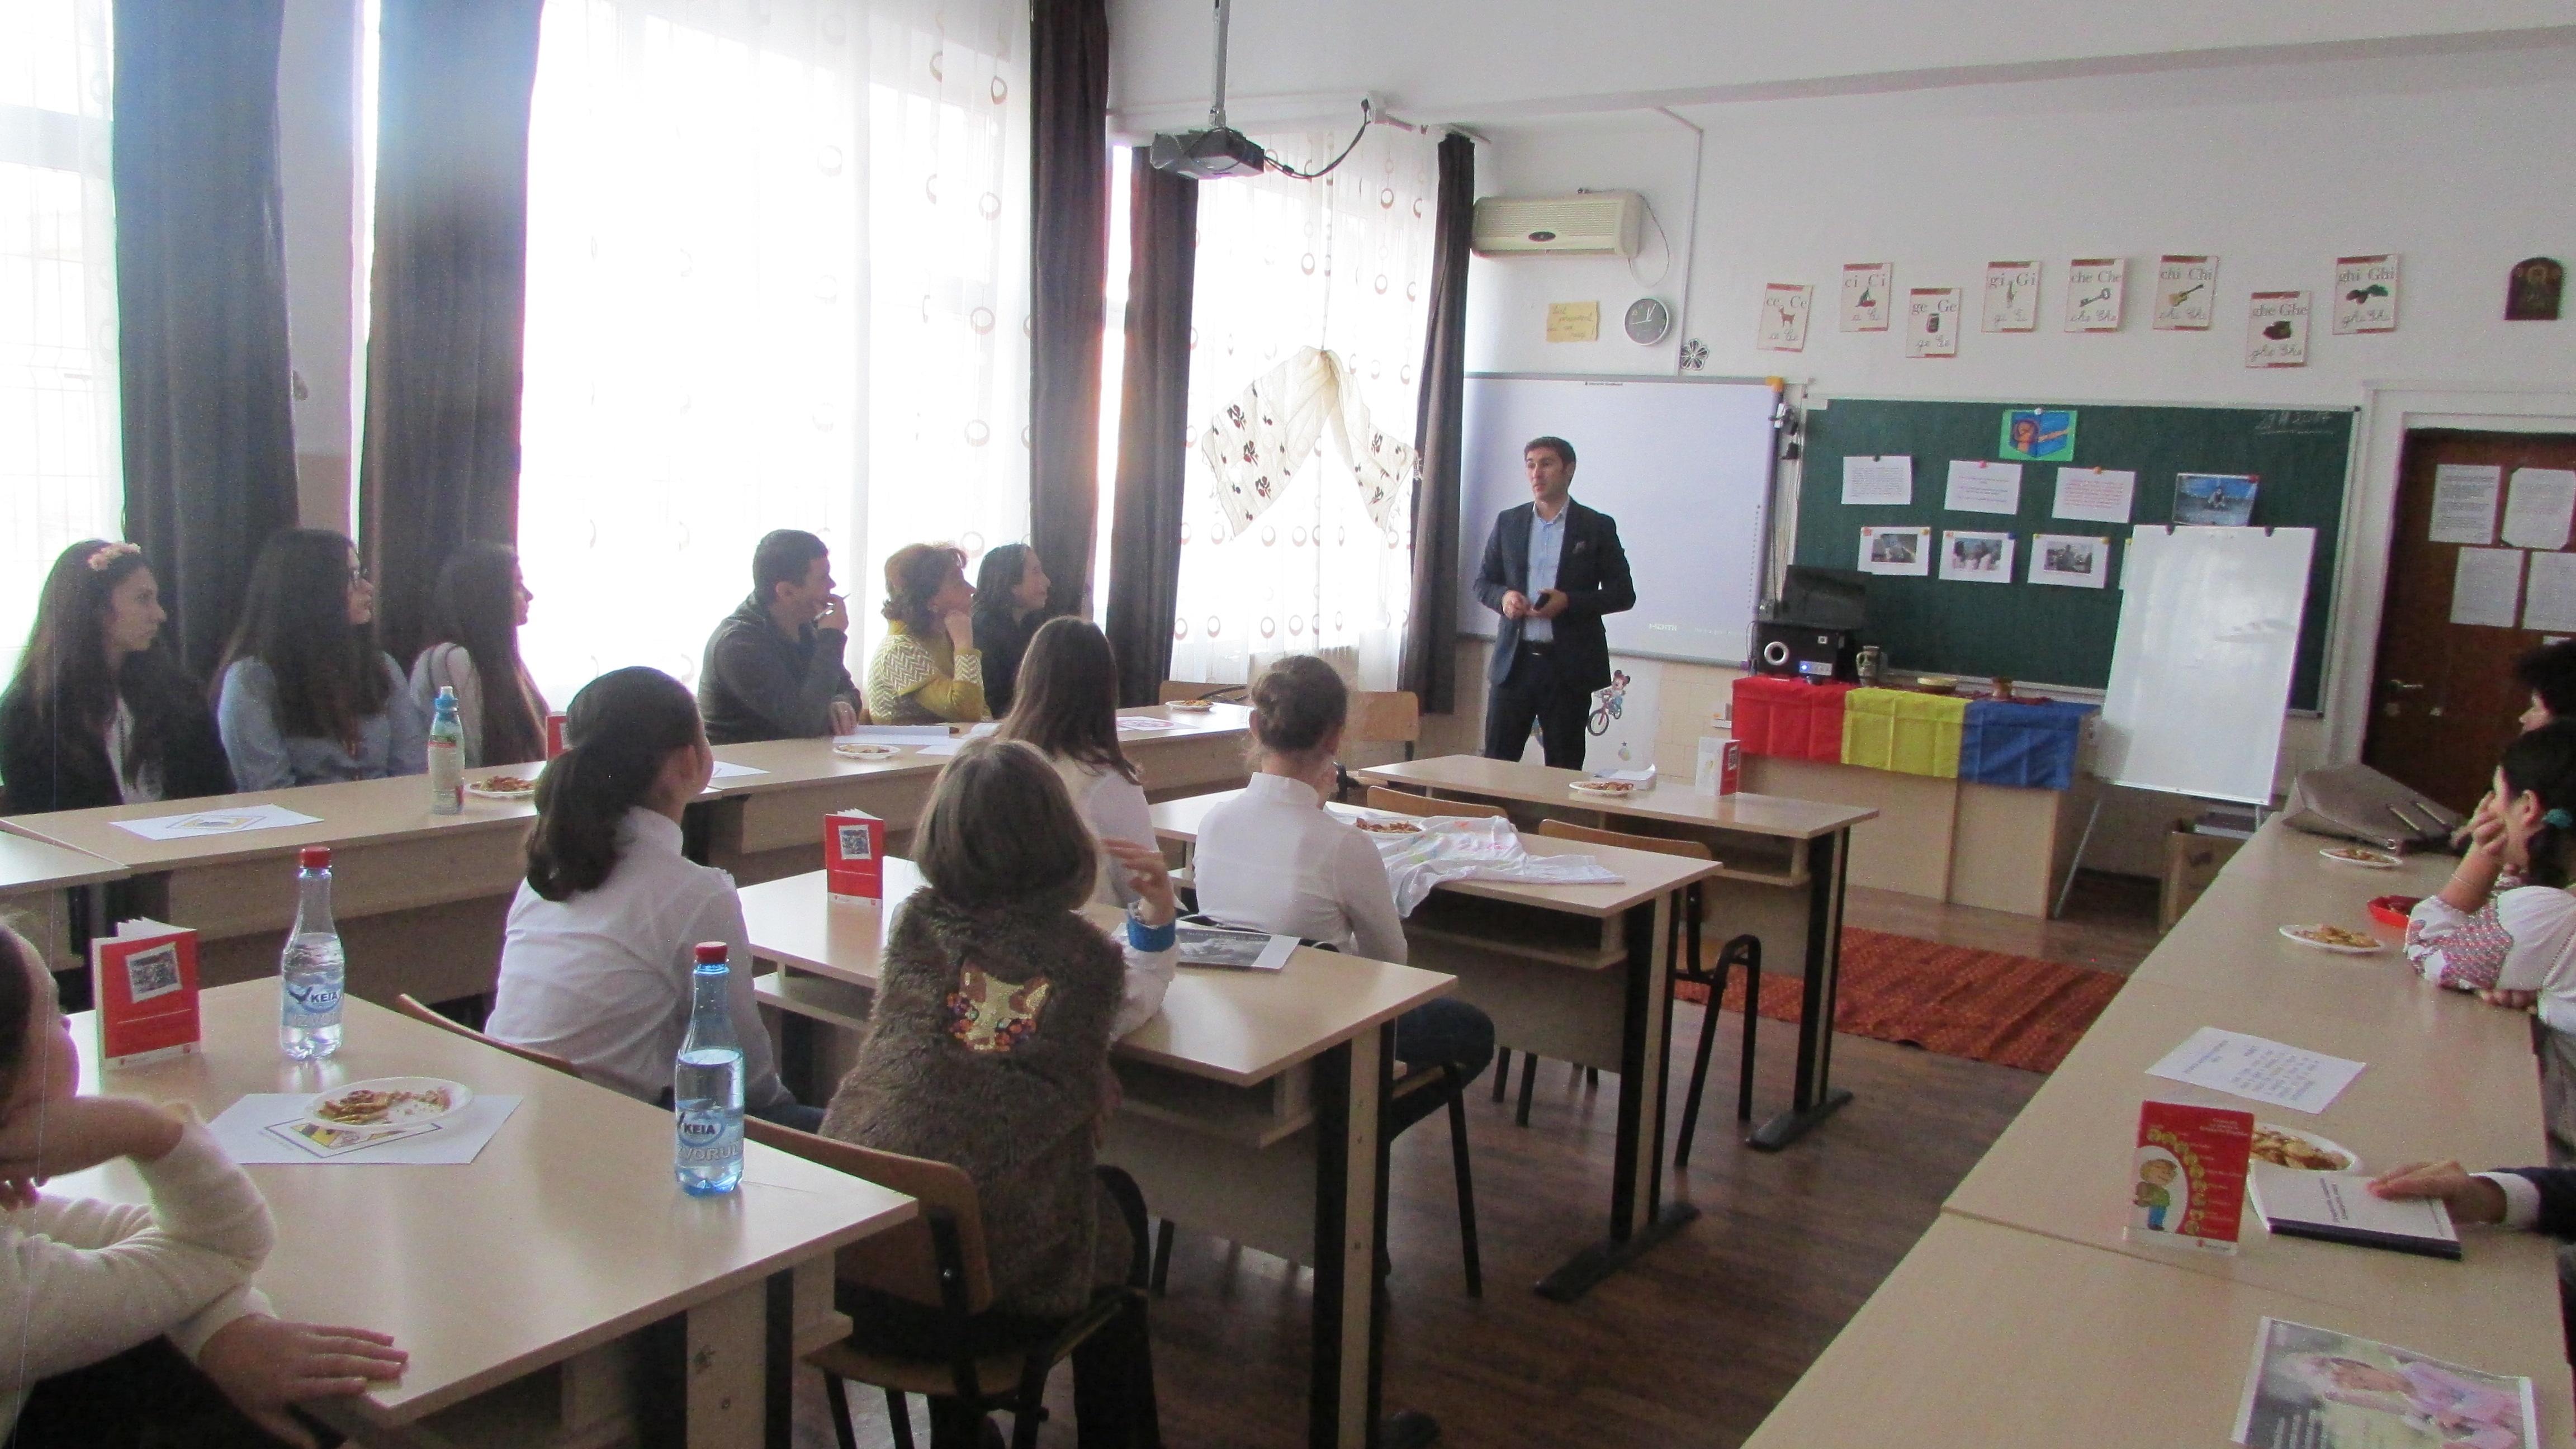 Educaţie pentru valori şi drepturile omului, la Şcoala Gimnazială nr. 2 Videle